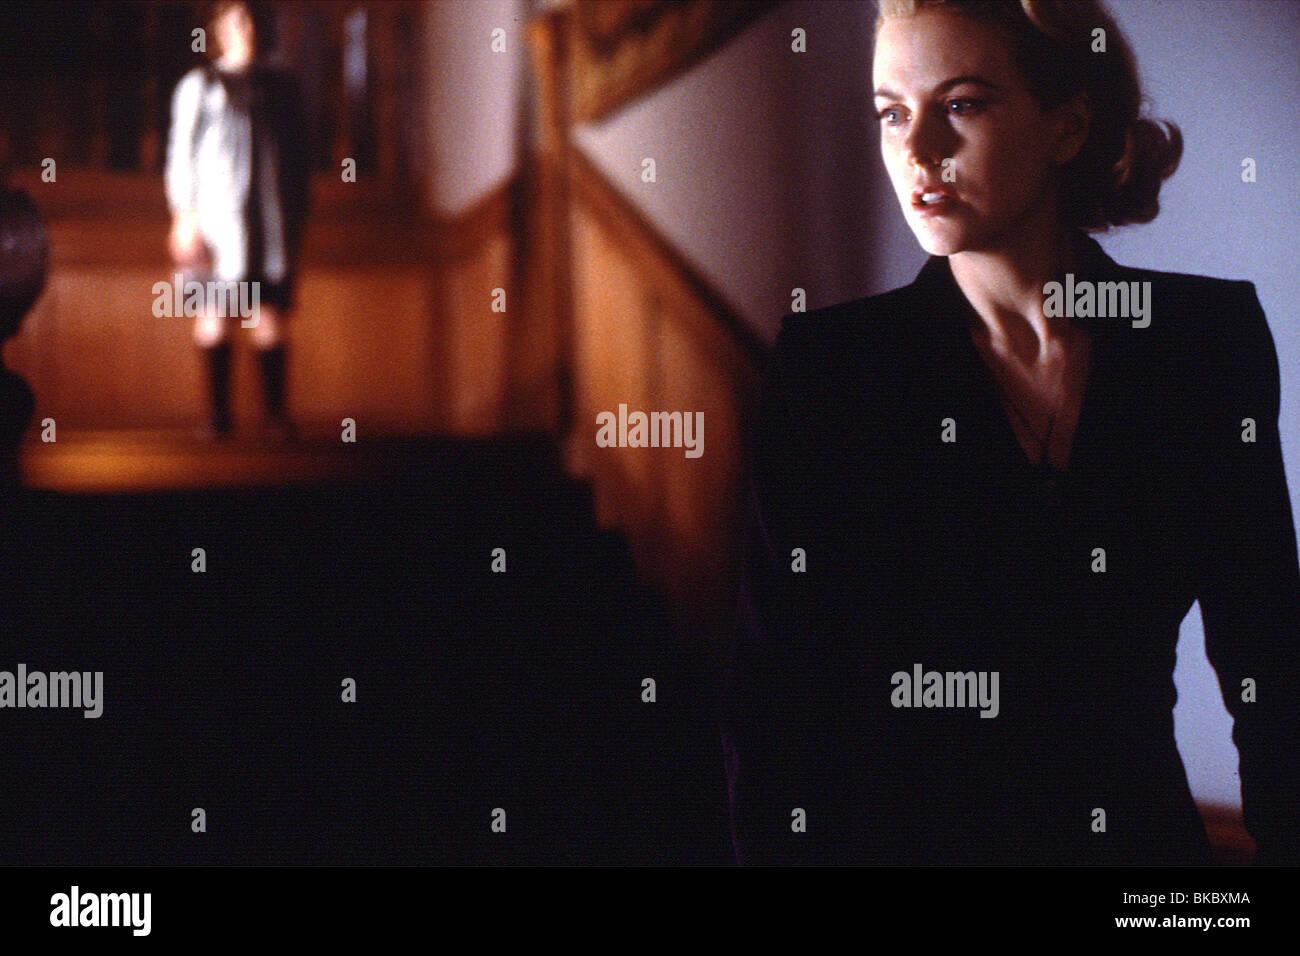 Les autres Nicole Kidman AUTR 001DPK 14 Photo Stock